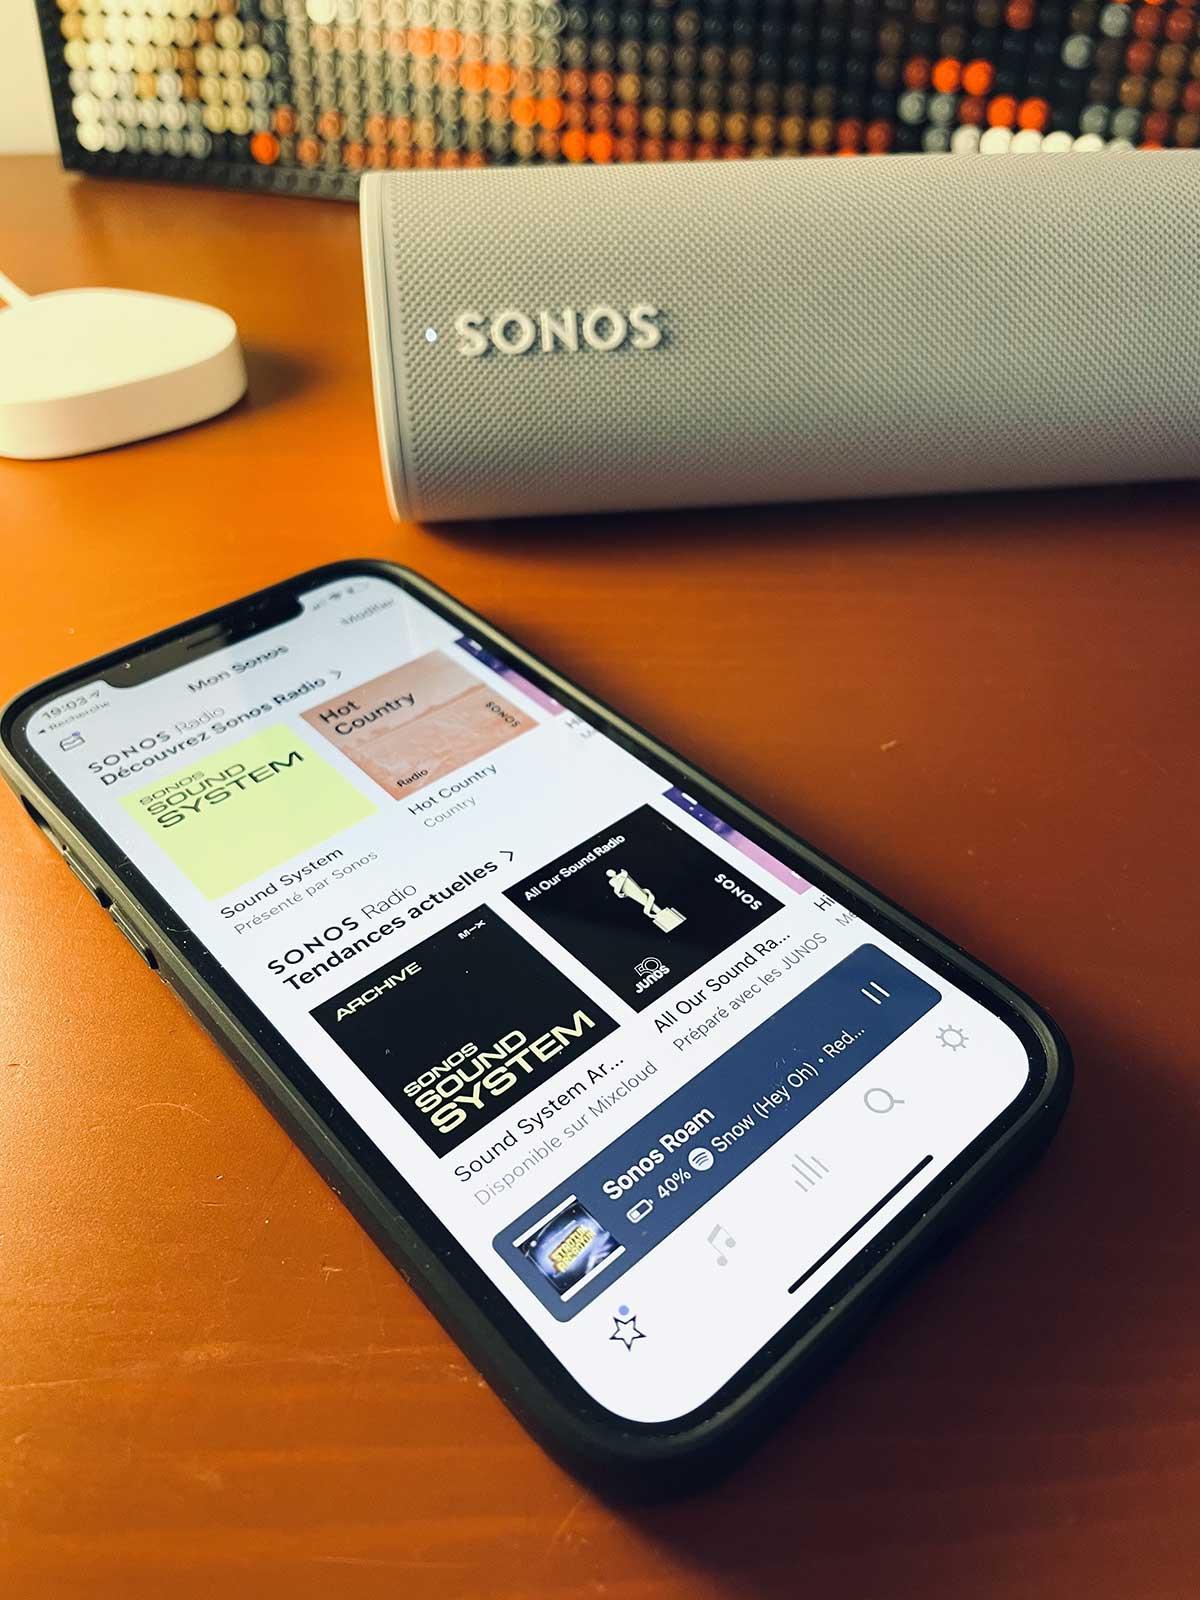 Mise en route de l'enceinte Sonos par l'application Sonos et le réseau WiFi